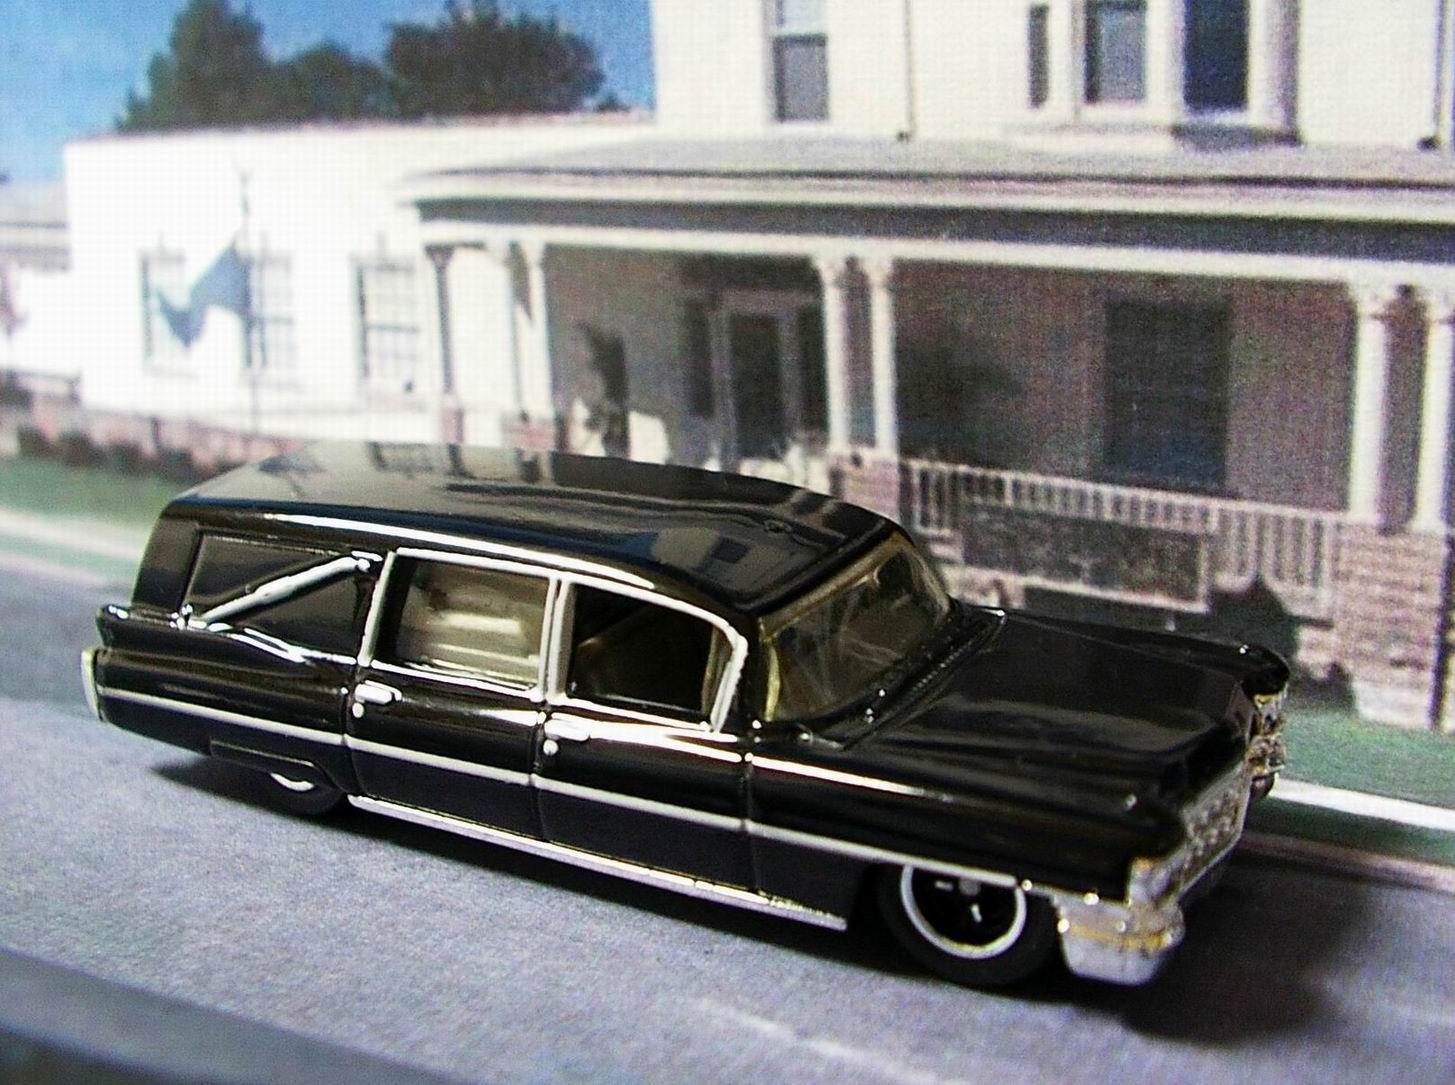 Category:Cadillac | Matchbox Cars Wiki | FANDOM powered by Wikia